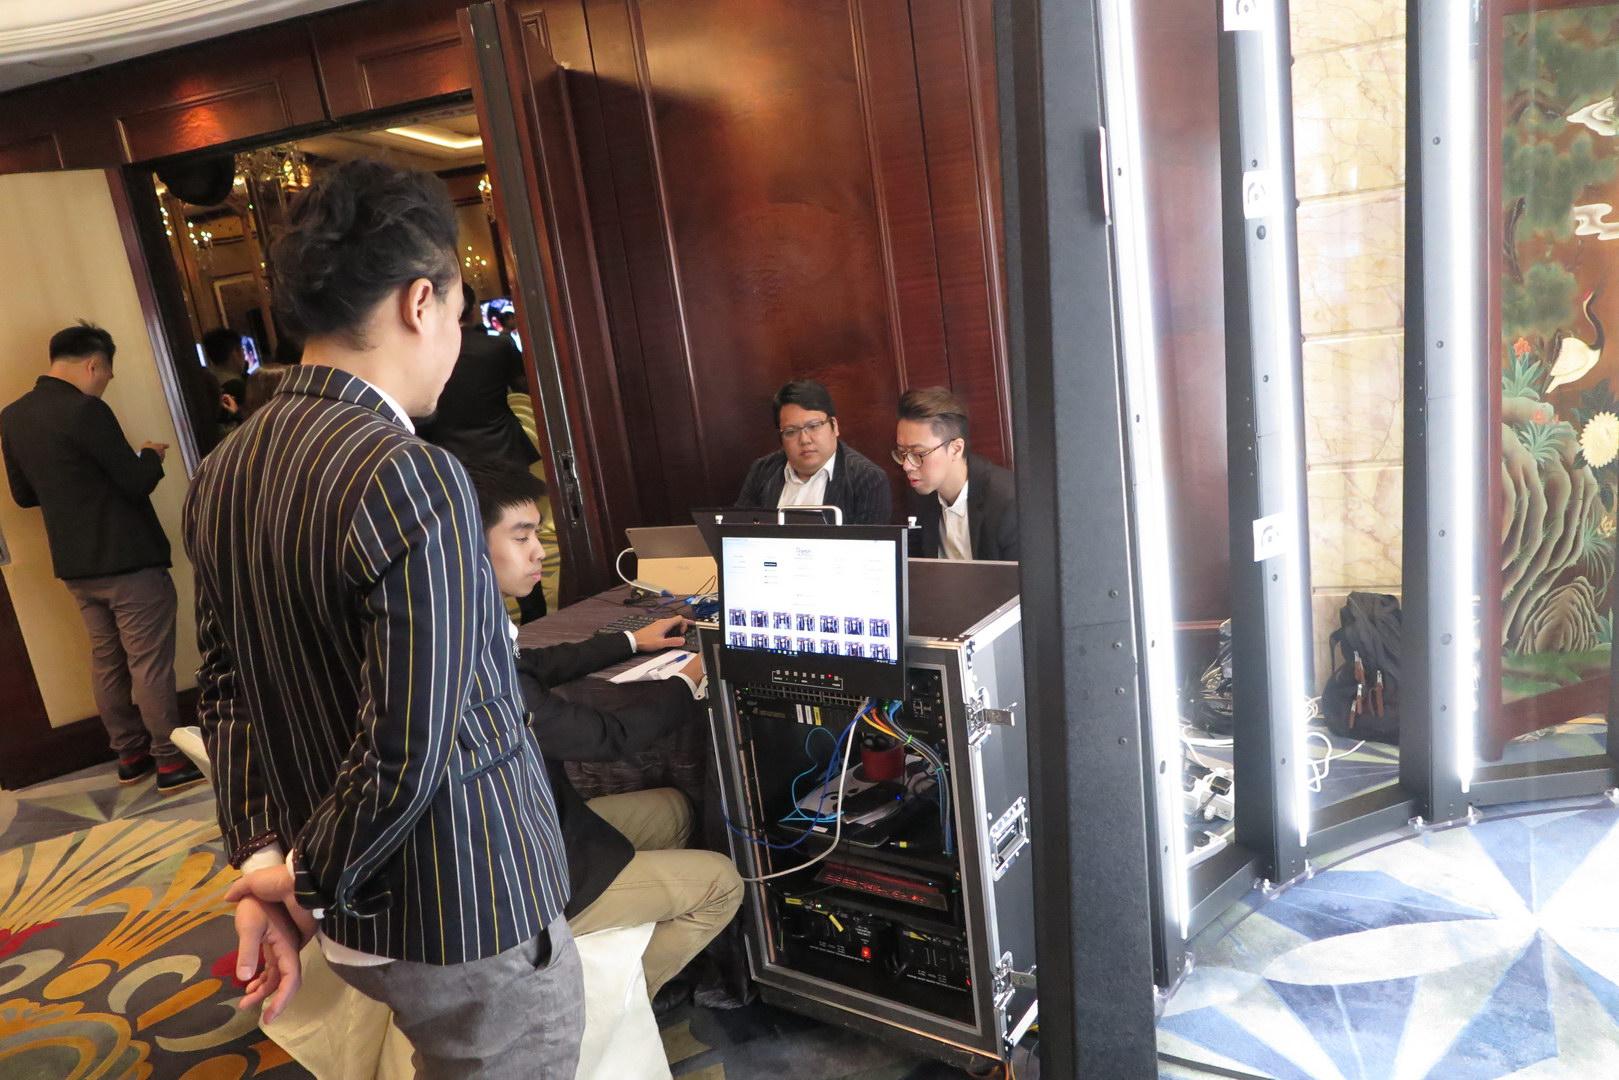 JW Marriott Hoteldebuting QHuman by OepnSky TFI 3